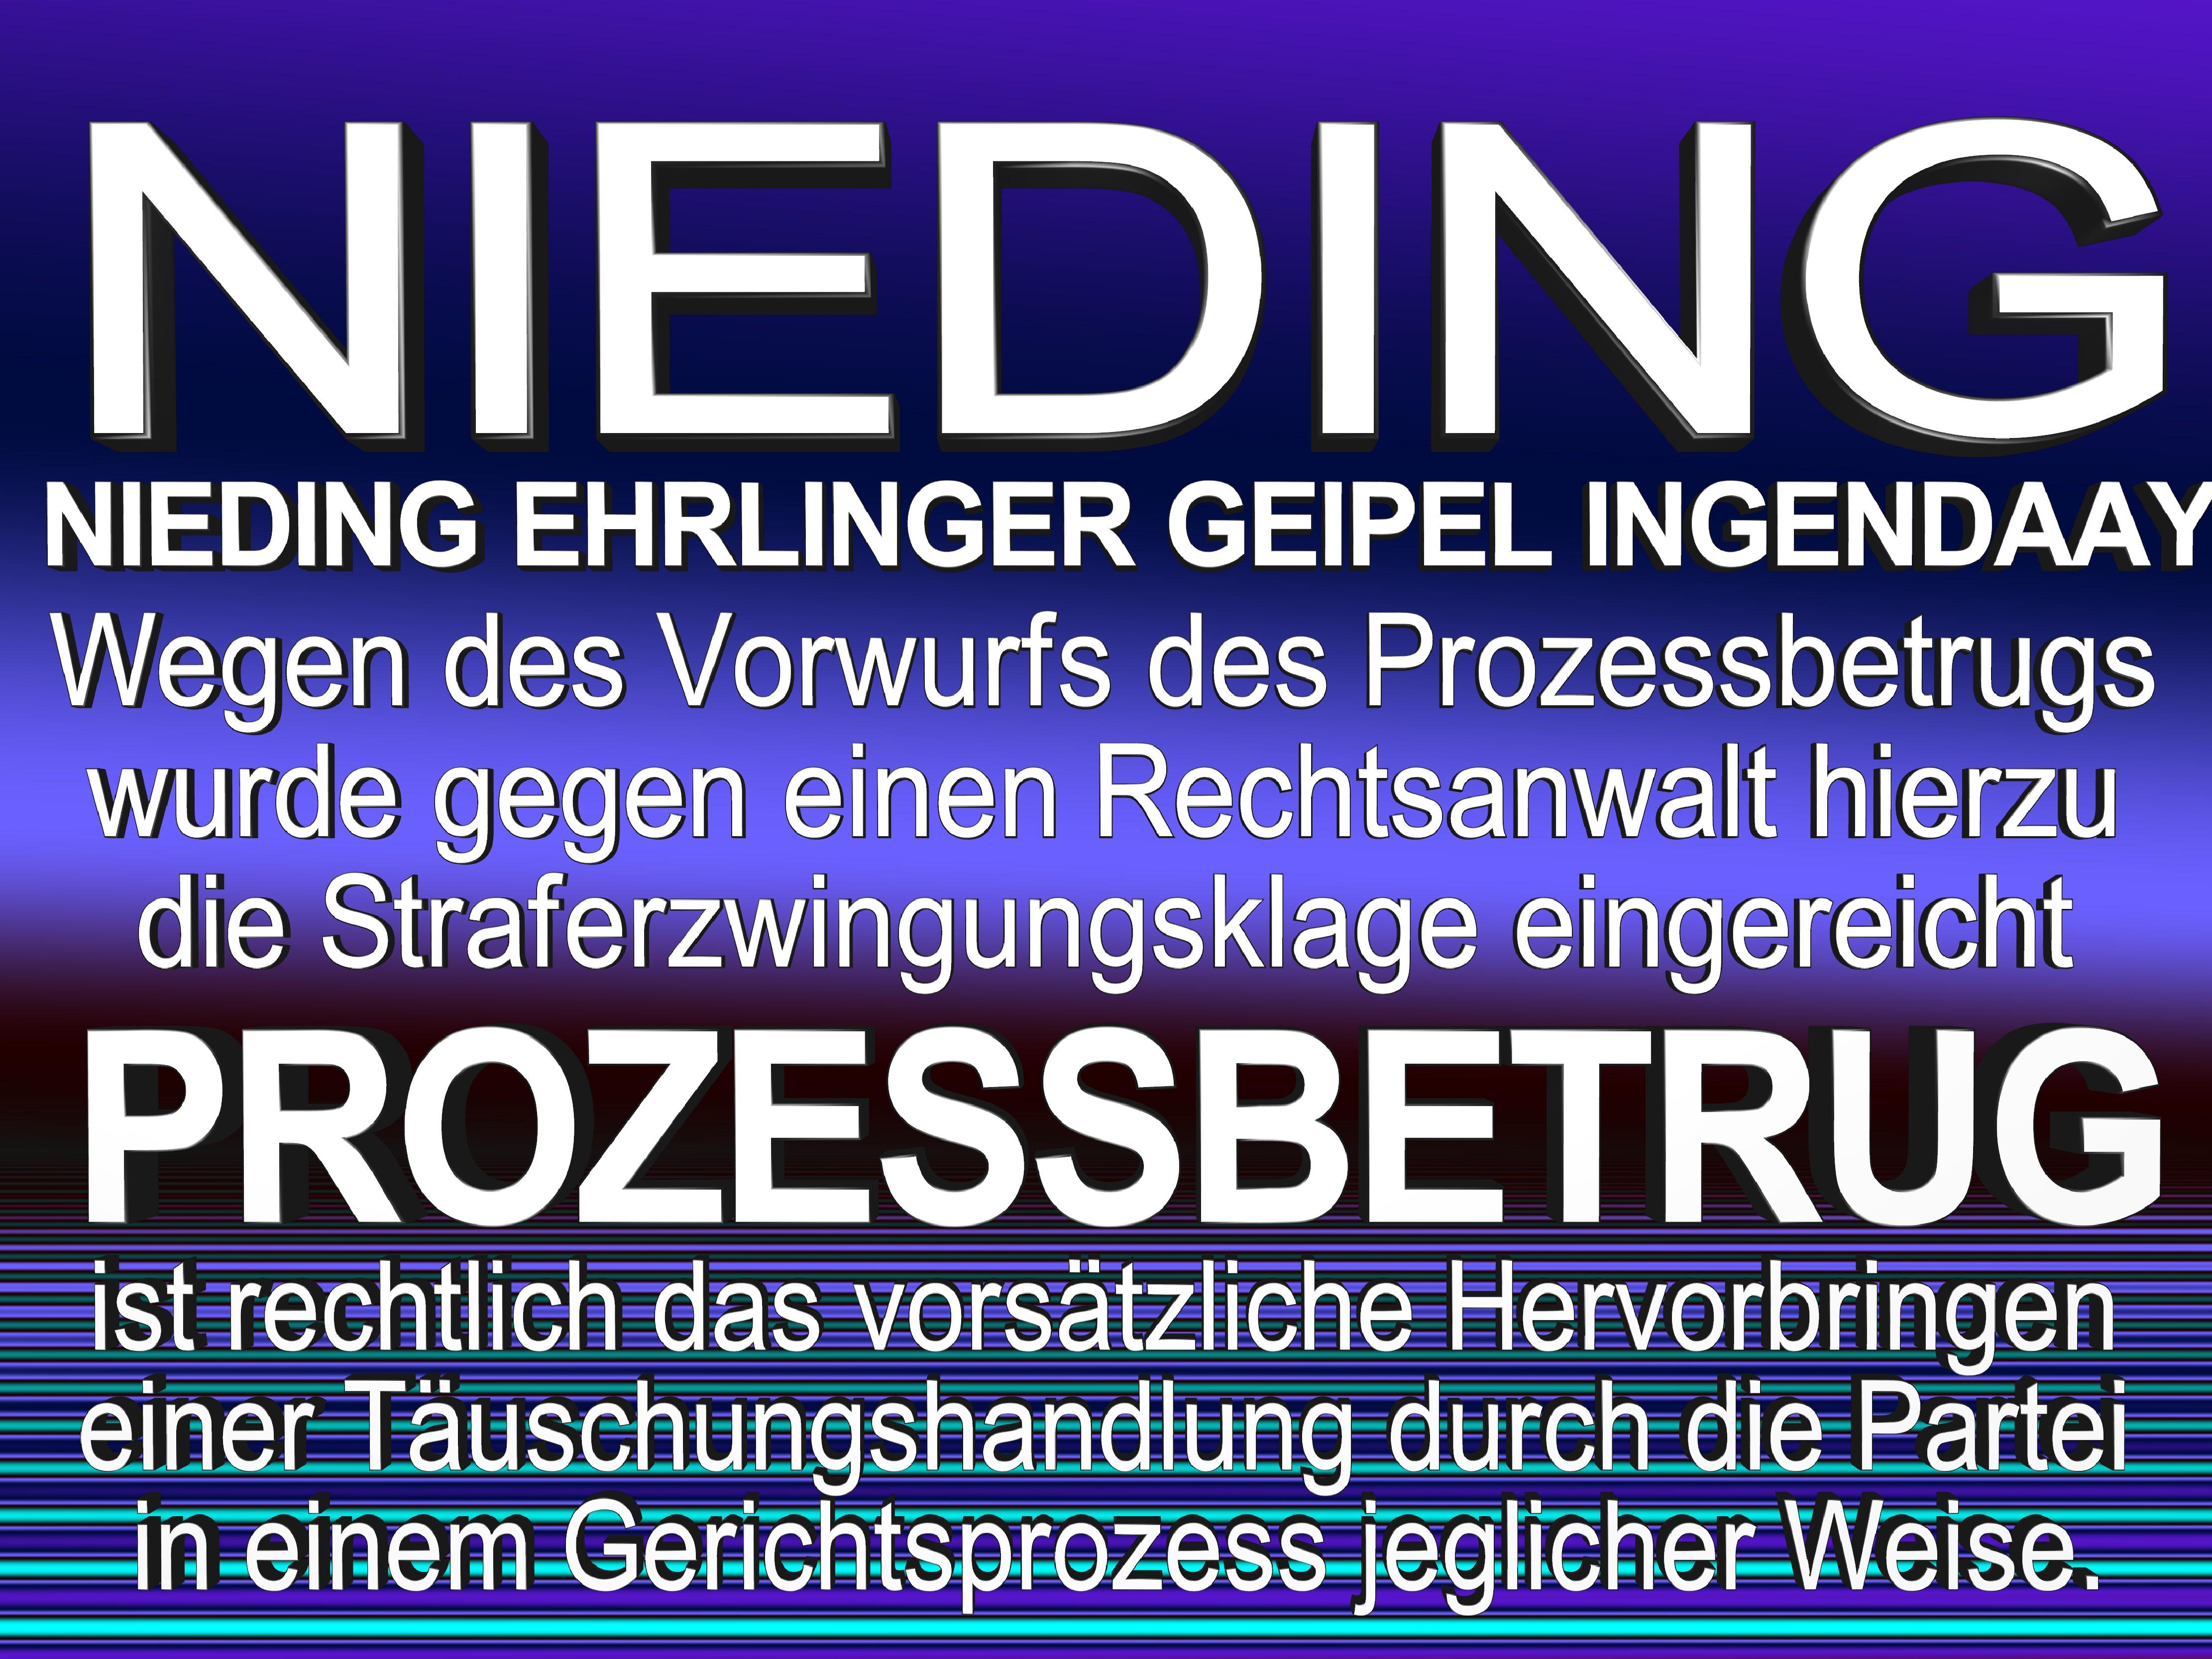 NIEDING EHRLINGER GEIPEL INGENDAAY LELKE Kurfürstendamm 66 Berlin (51)